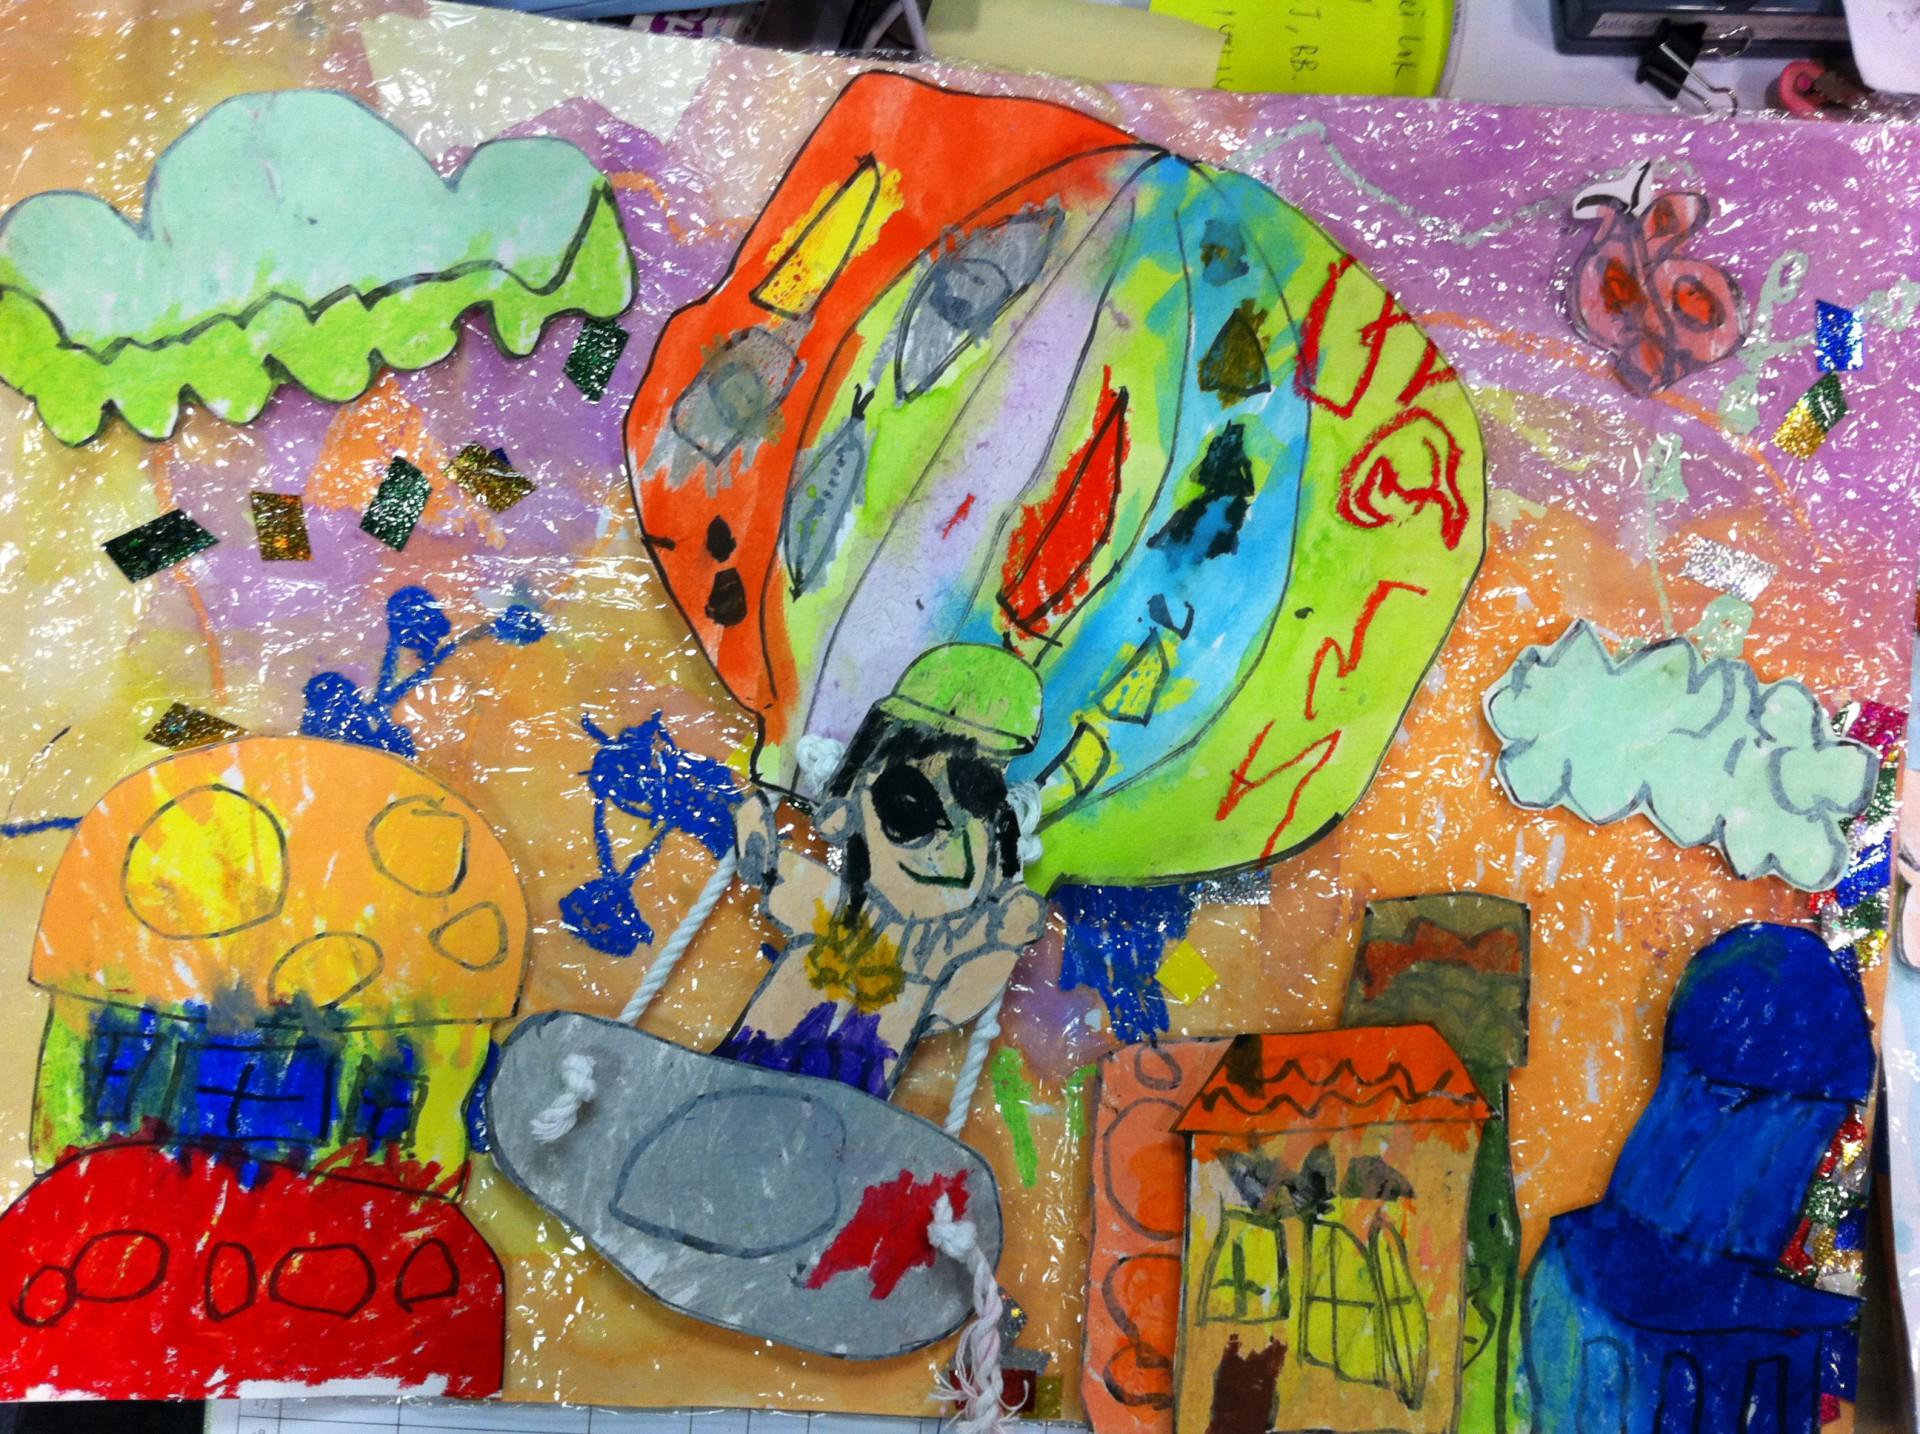 第四屆香港兒童創意思維繪畫大賽2013 [畫出繽紛]